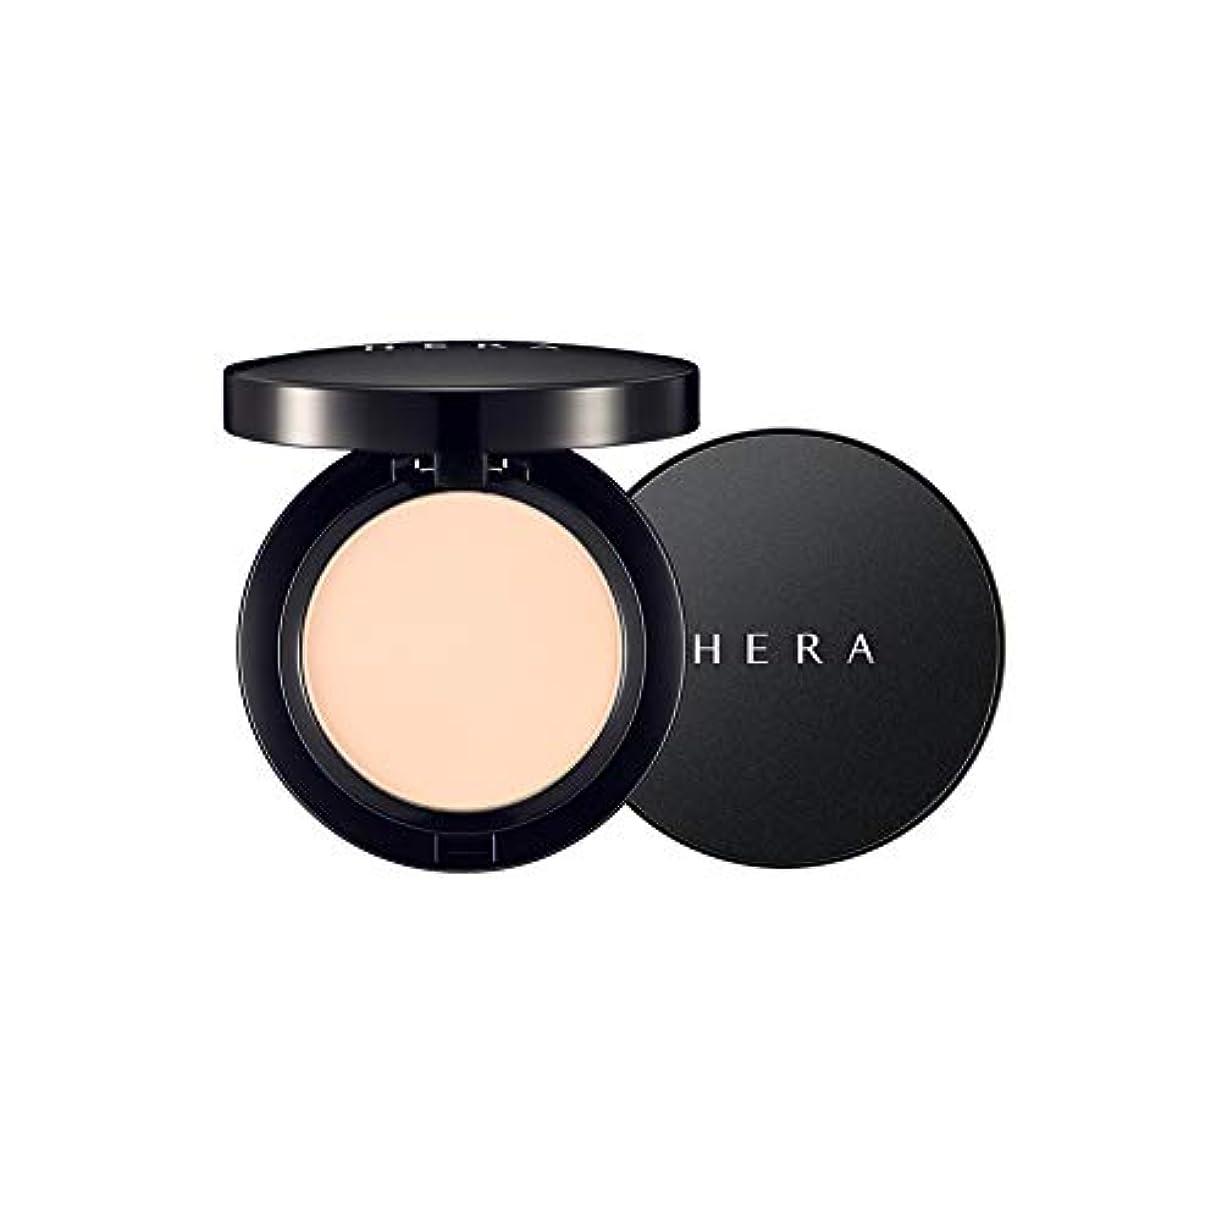 栄光楽しませるアクティビティ【HERA公式】ヘラ パーフェクト パウダー パクト 10g/HERA HD Perfect Powder Pact 10g (17号 ピンクベージュ) #17 Pink Beige